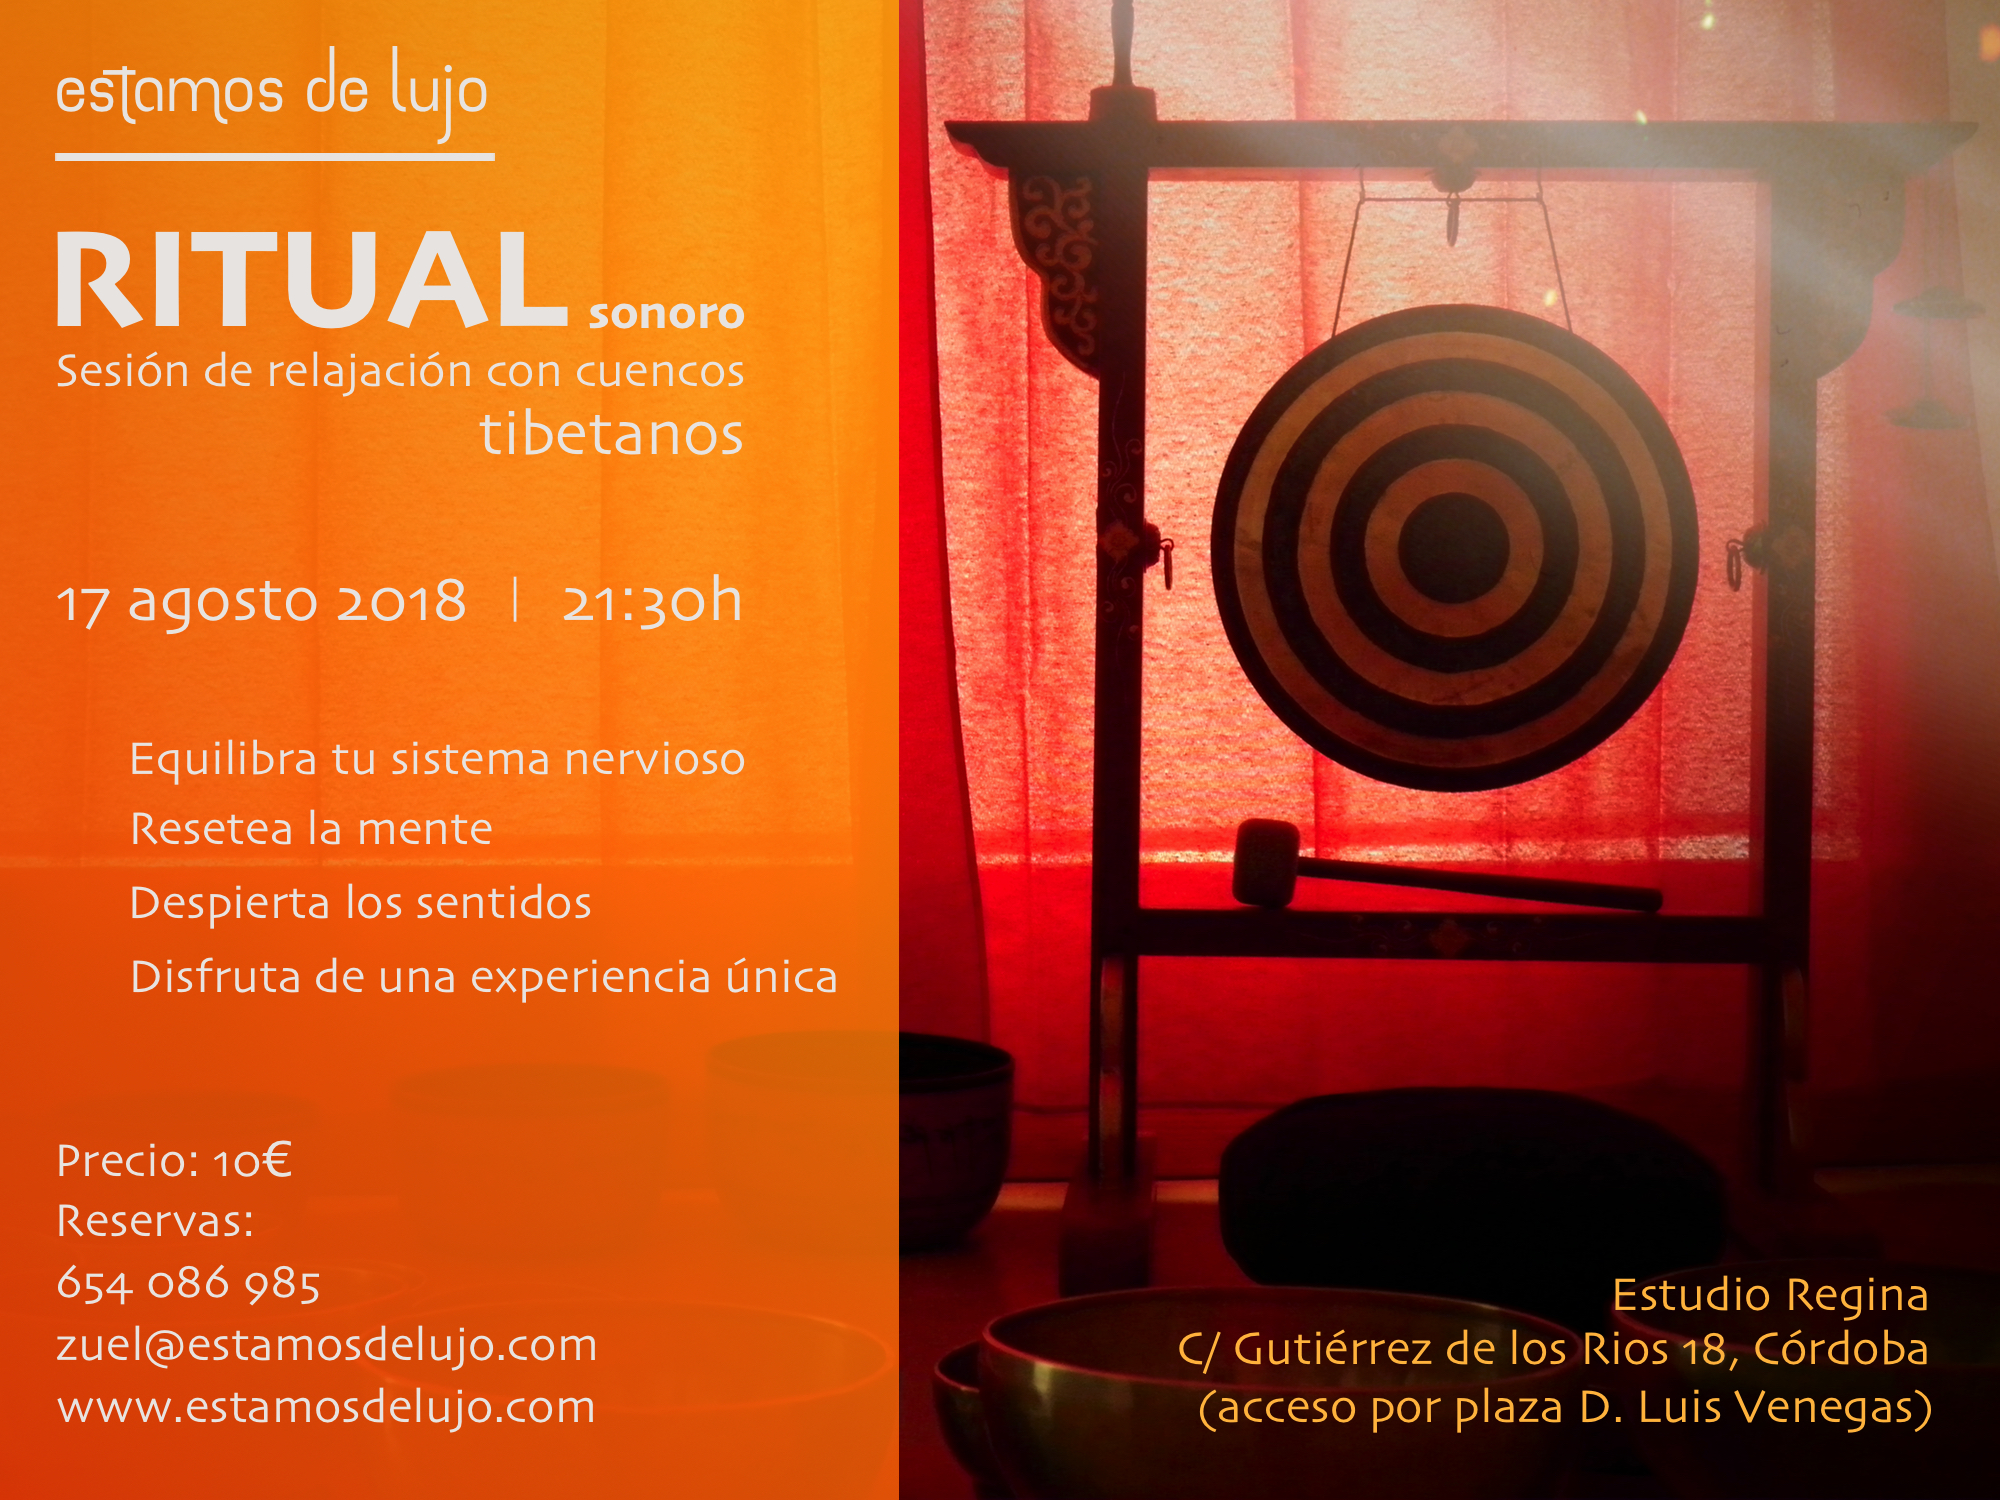 Ritual sonoro 17 agosto @ Estudio Regina